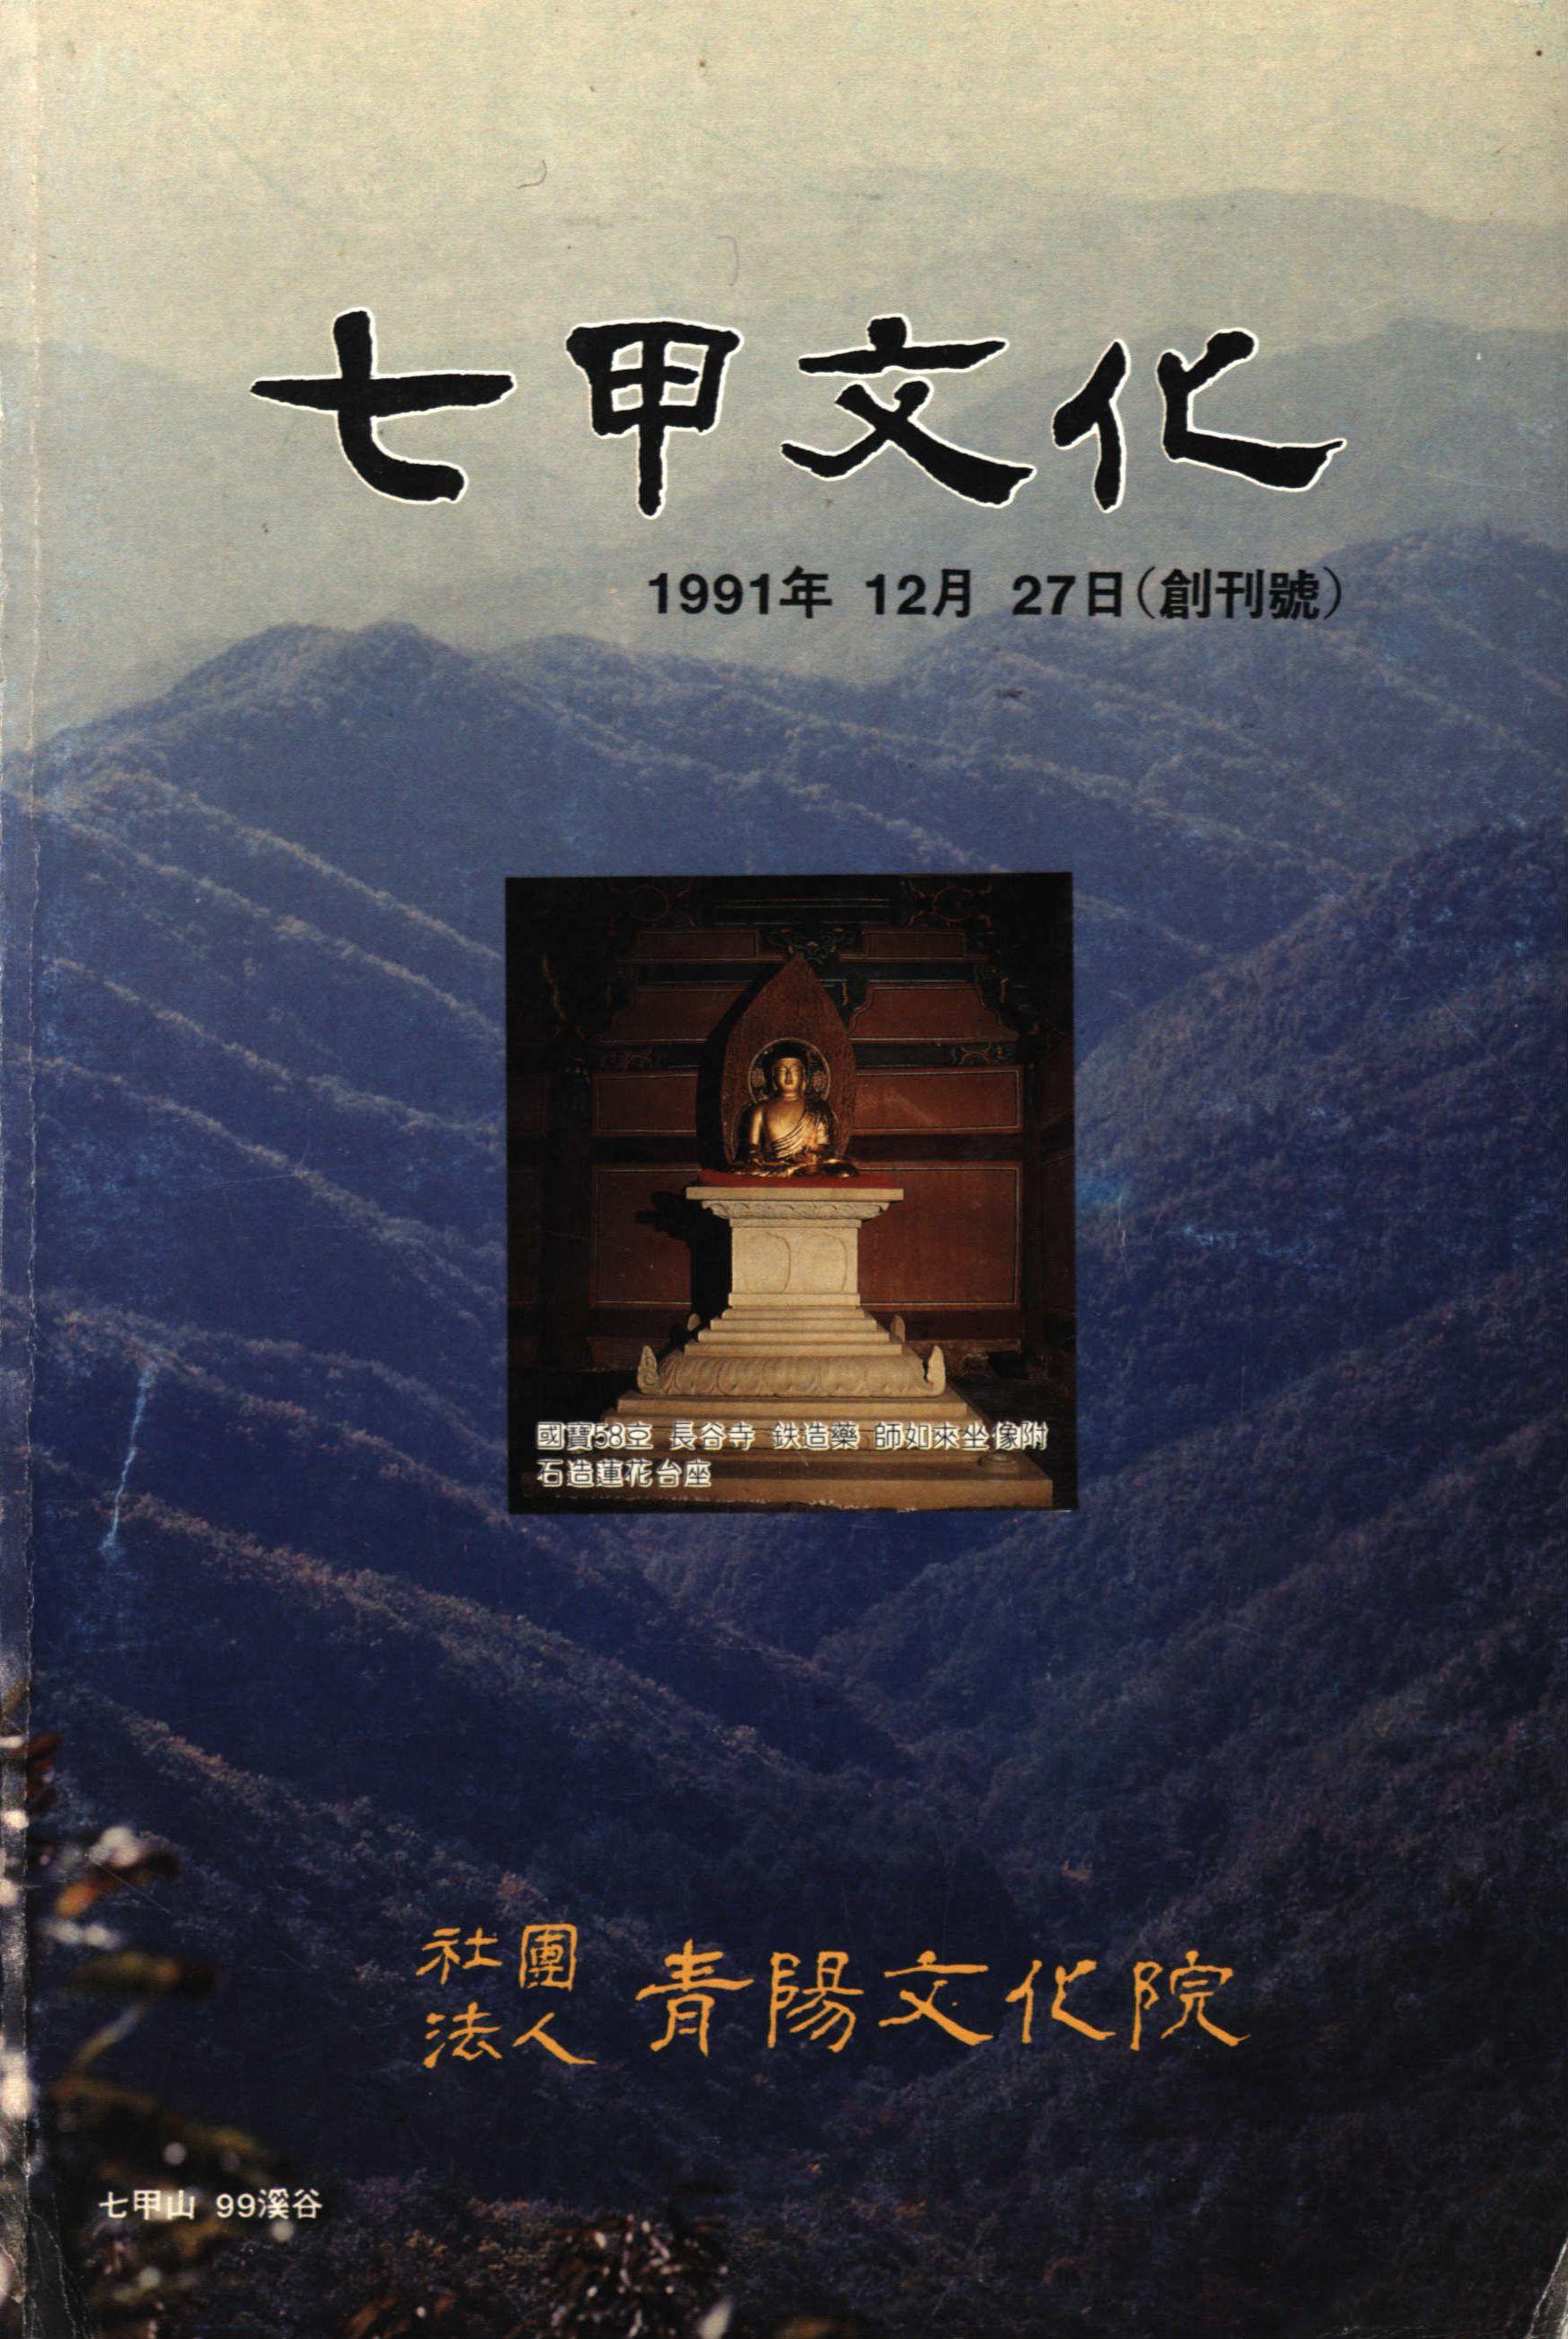 七甲文化 (칠갑문화) 창간호